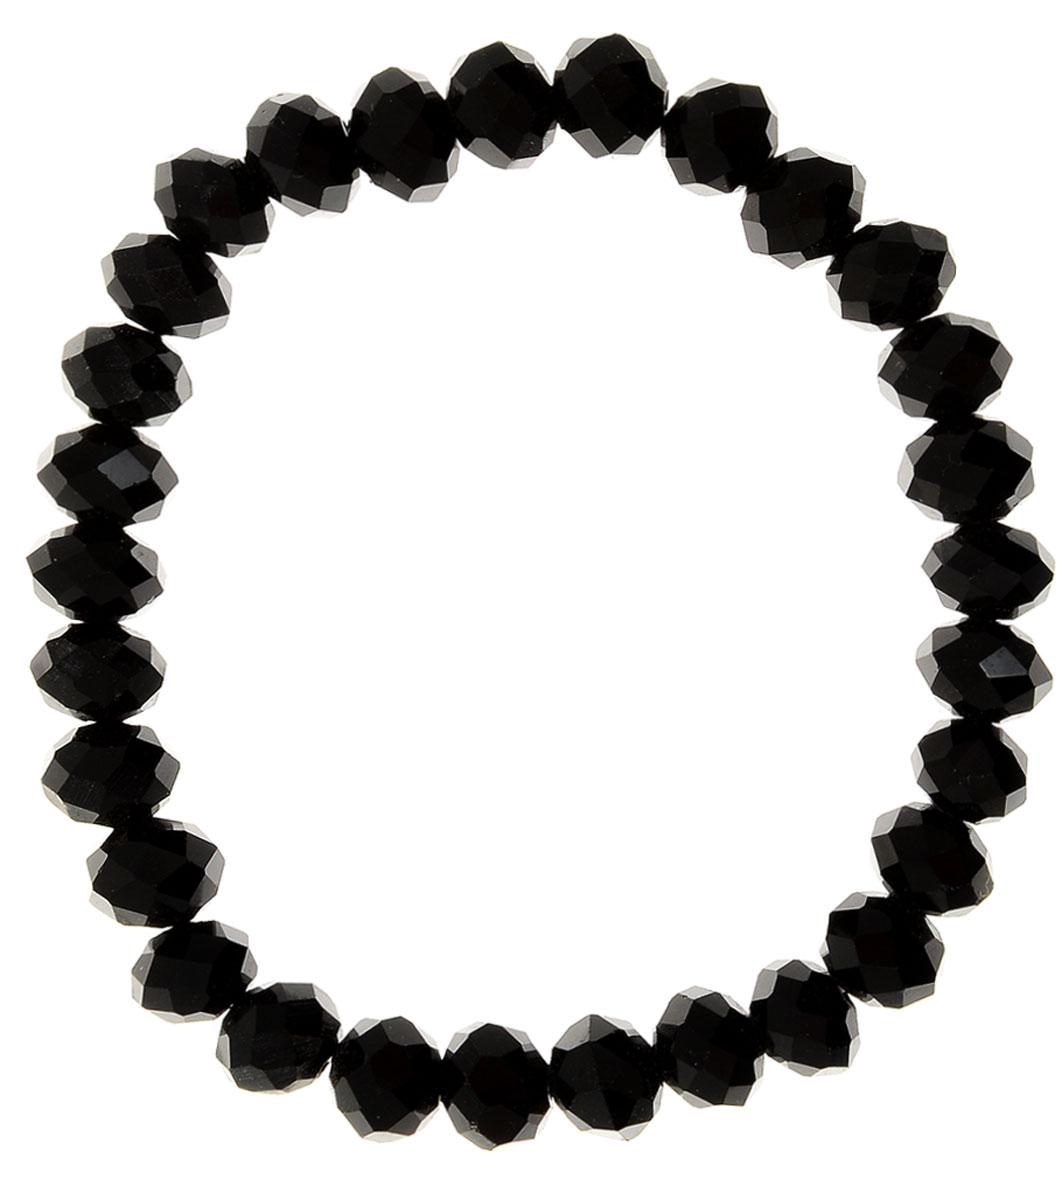 Браслет Taya, цвет: черный. T-B-11779-BRAC-BLACKБраслет для шармовУниверсальный однотонный браслет на резинке. Огранка кристаллов идеальная. они ярко искрятся под любым освещением. Такой браслет можно носить с фирменными часами TAYA, а также с другими такими же браслетами в цветовой гамме.